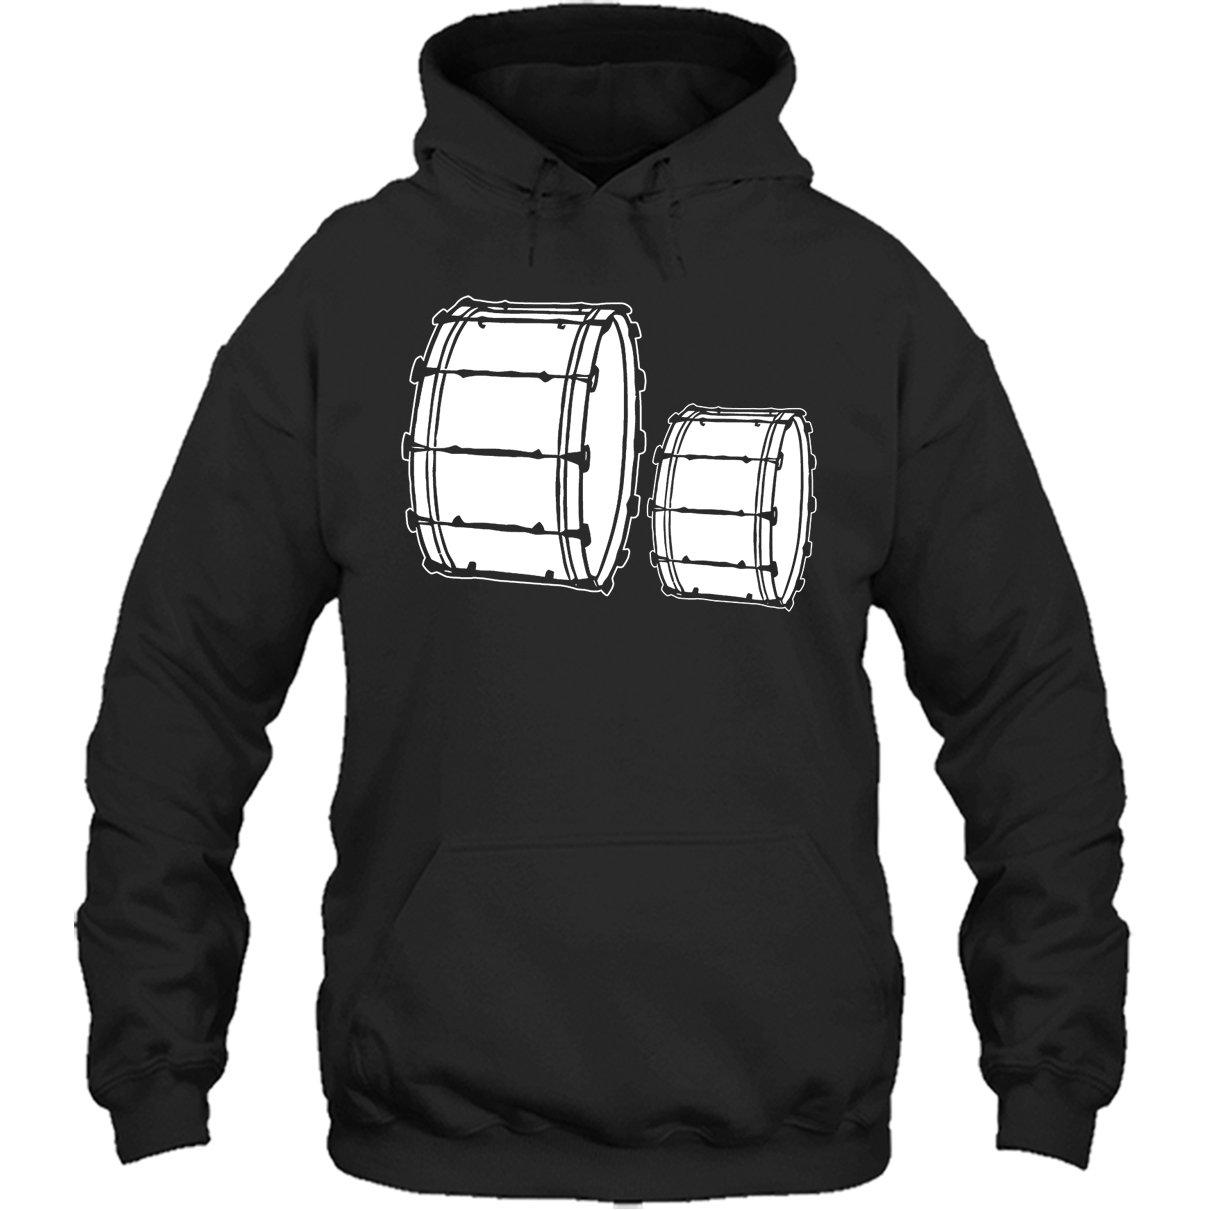 Bass Drum Cool Tshirt Bass Drum Player Tee Shirt Design for Men and Women